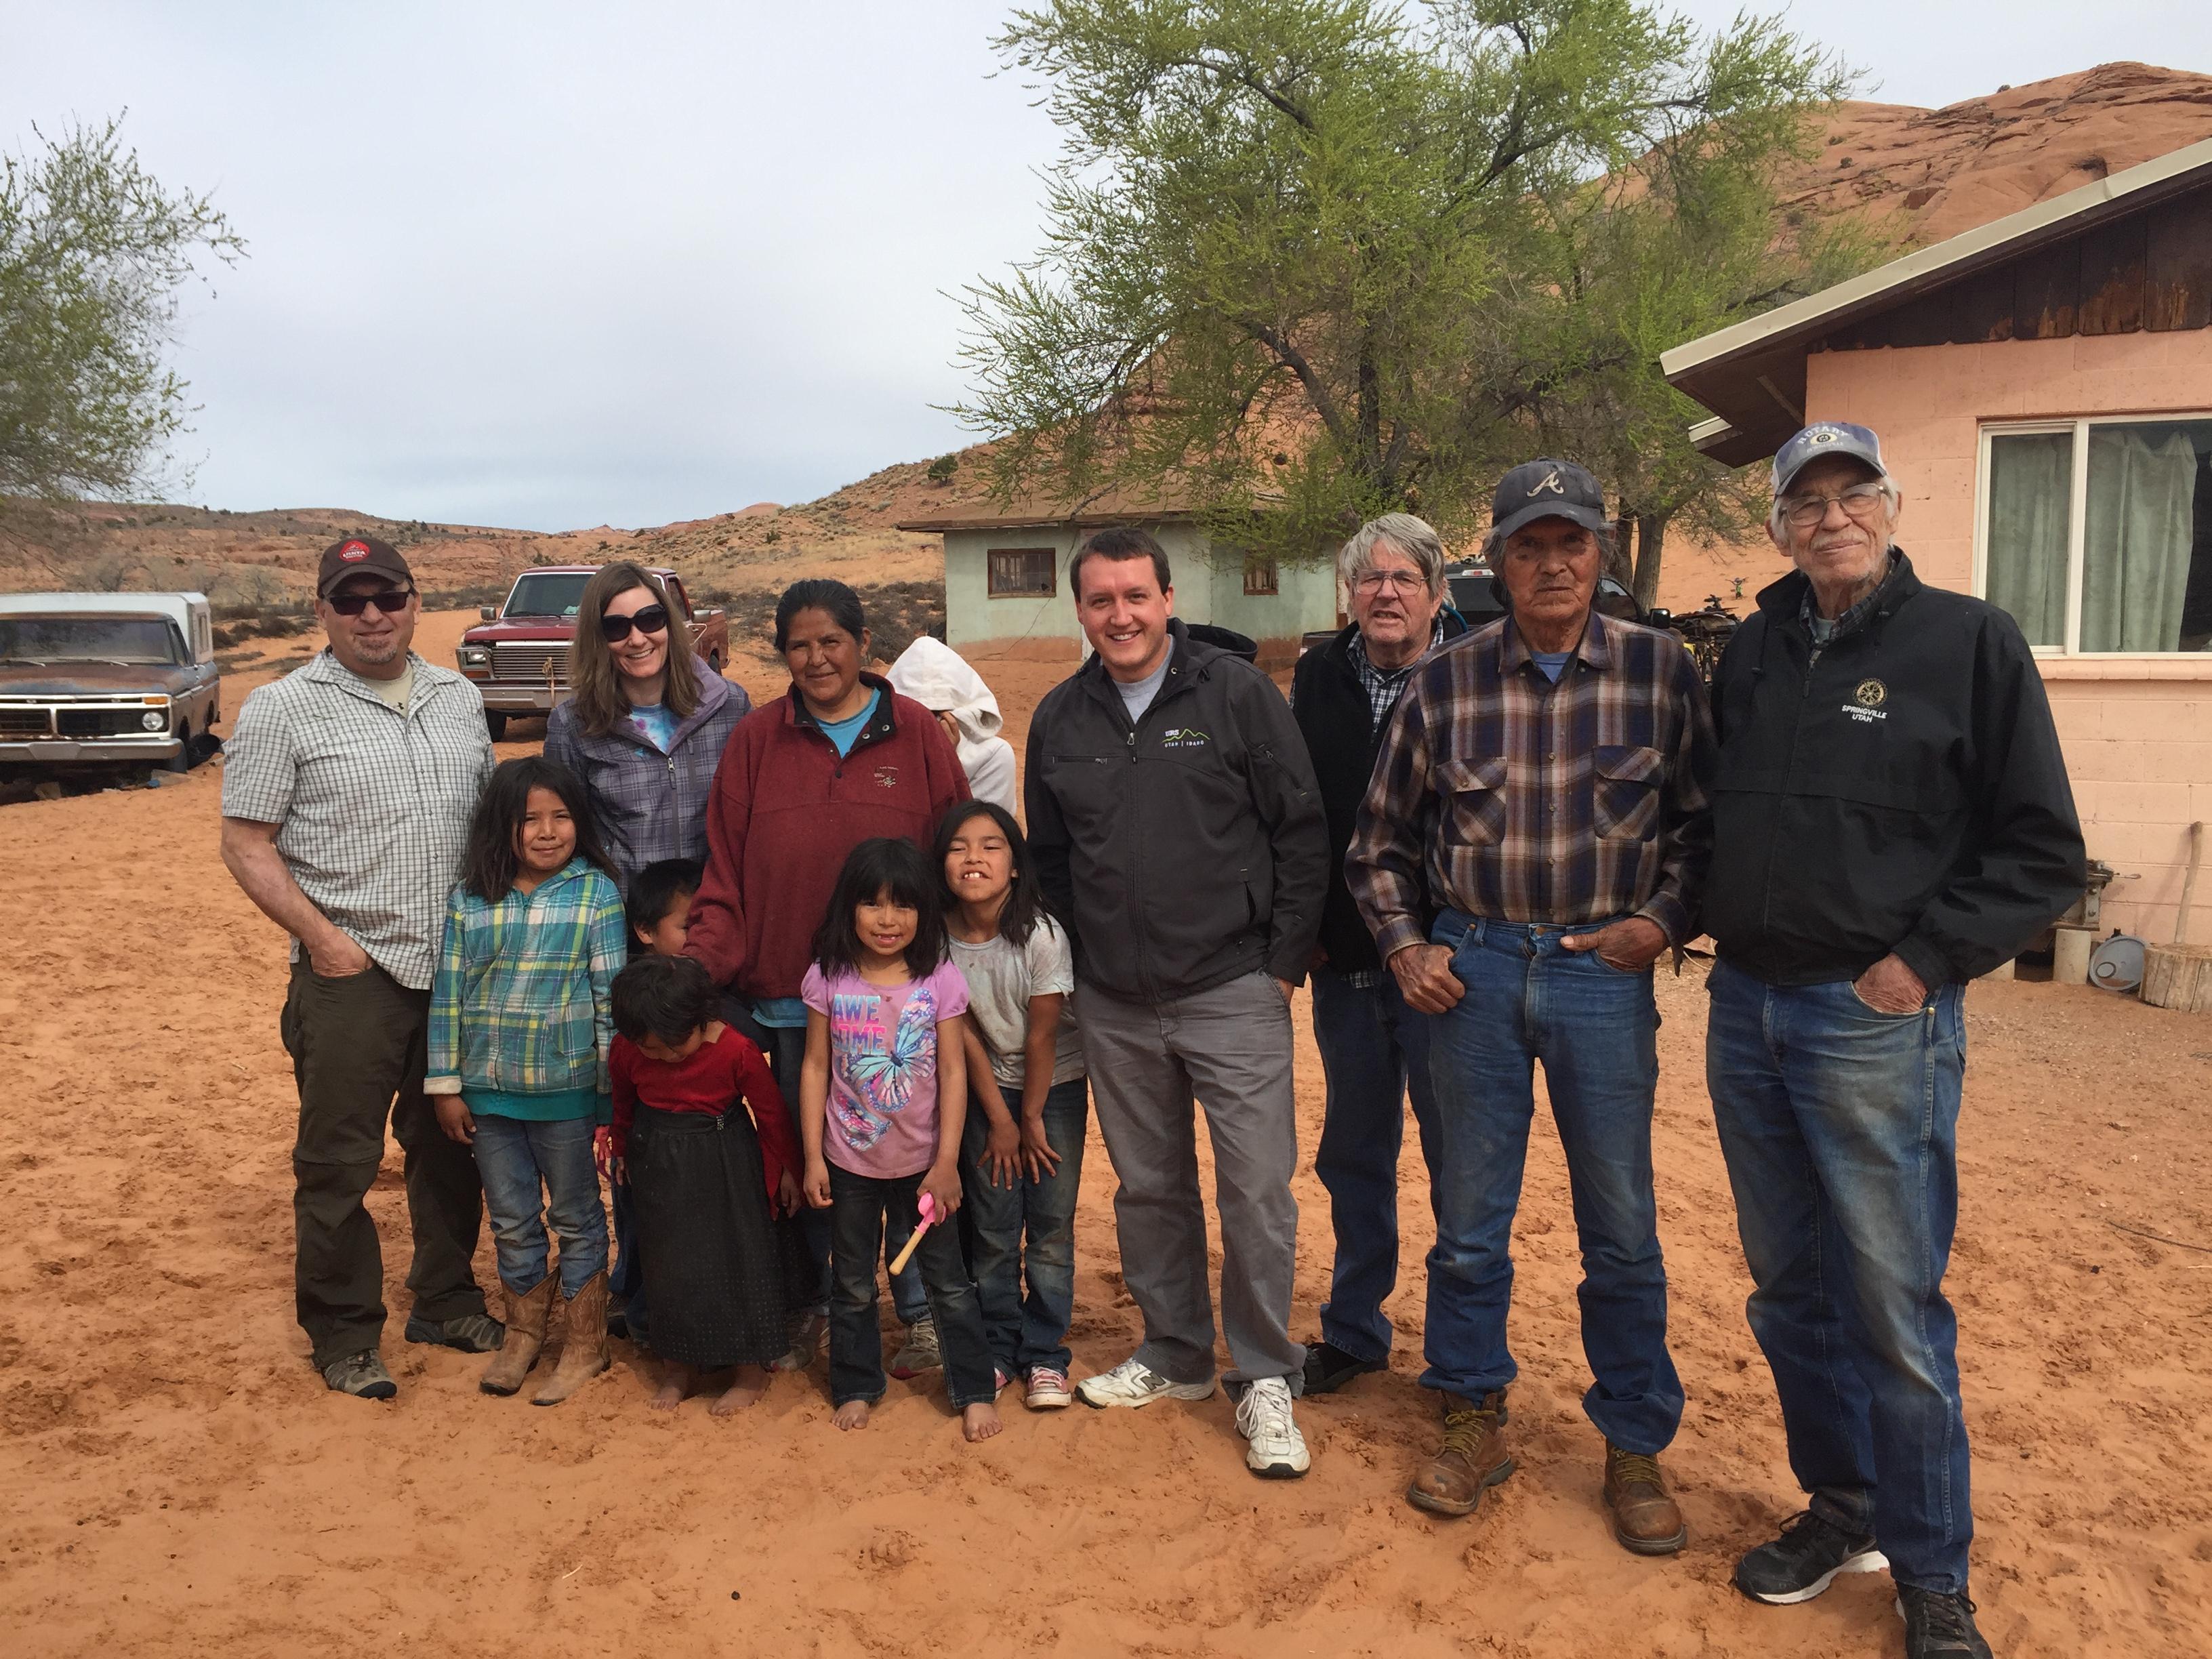 Community elder John Lowe and family